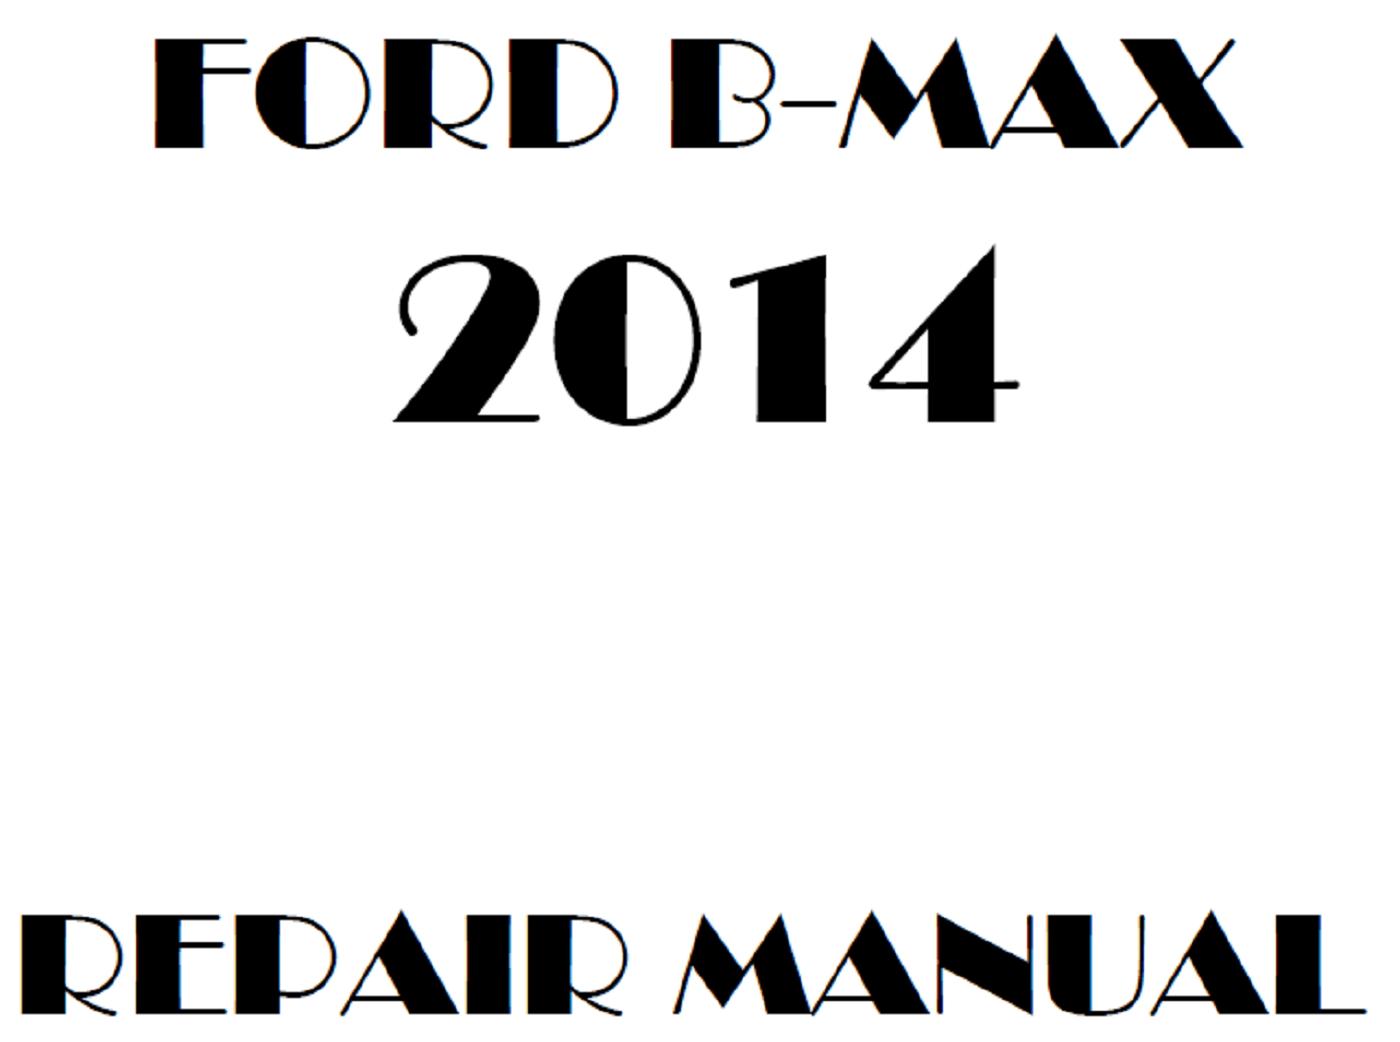 2014 Ford B-Max repair manual